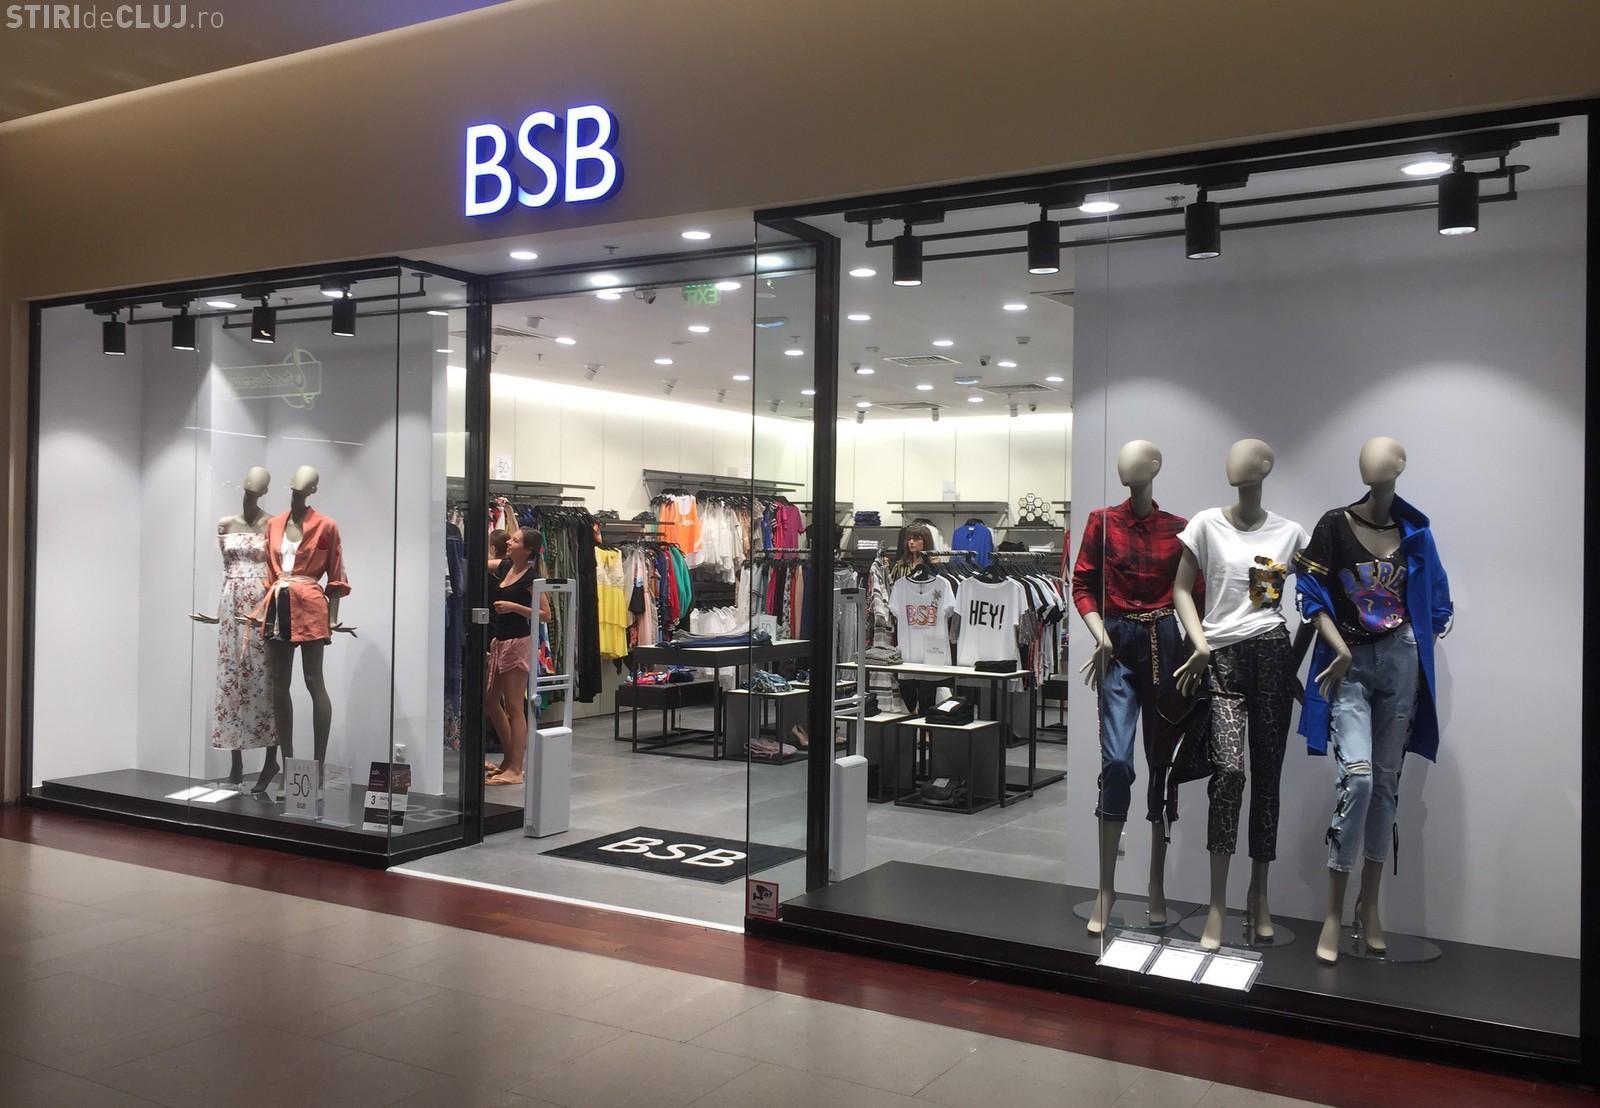 Ținute în tendințe, în noul magazin BSB, inaugurat în Iulius Mall Cluj (P)